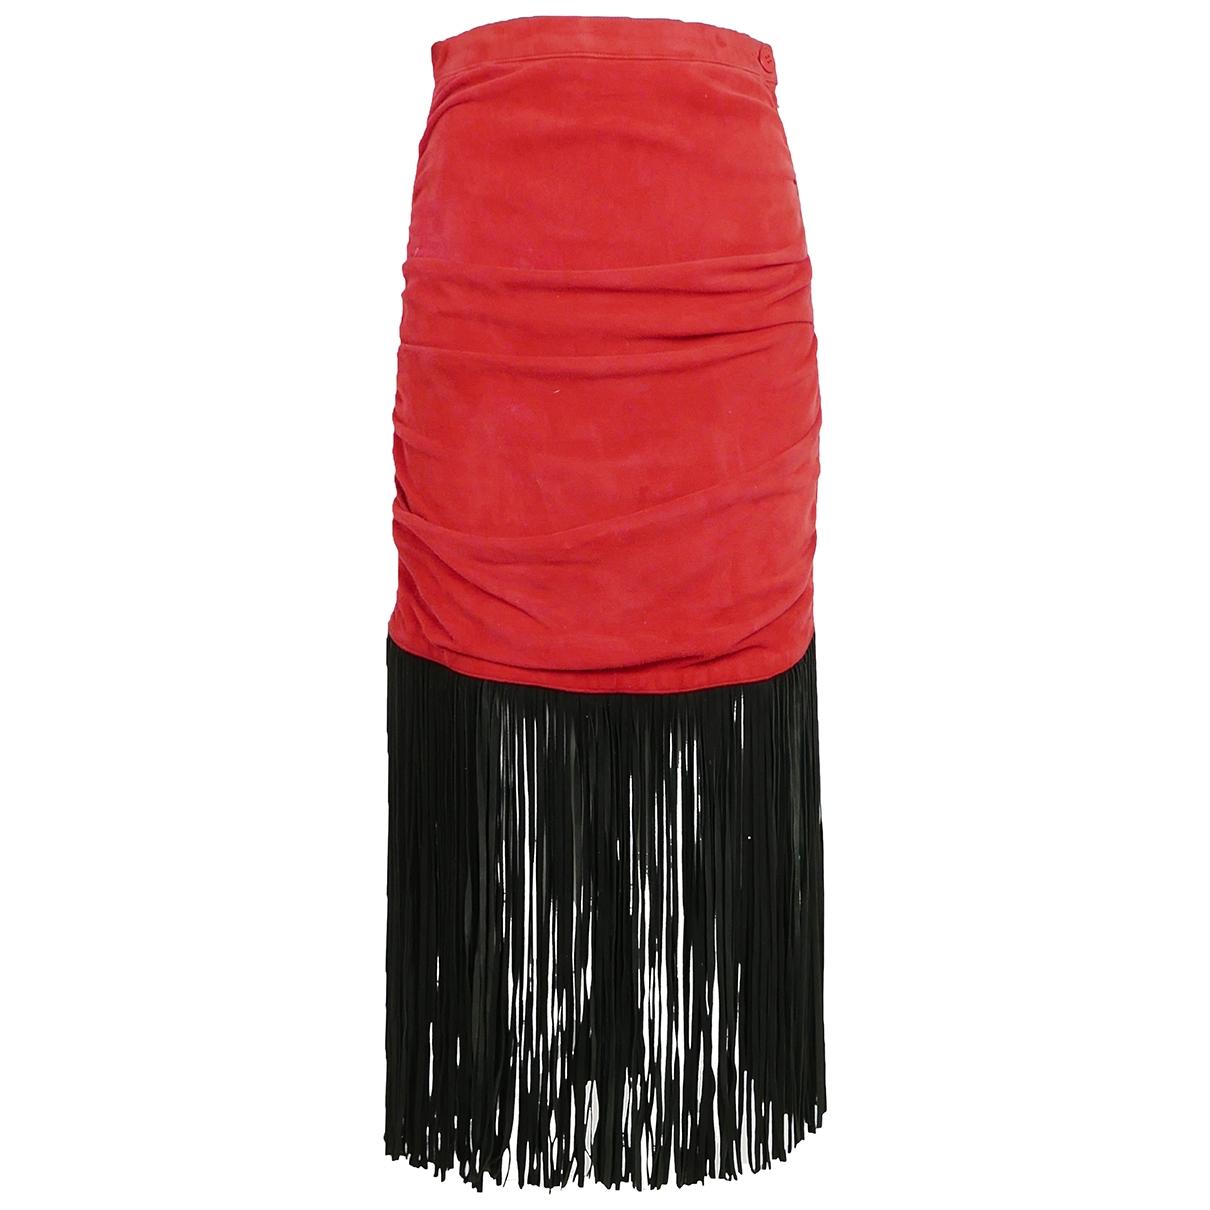 Yves Saint Laurent \N Red Suede skirt for Women 36 FR